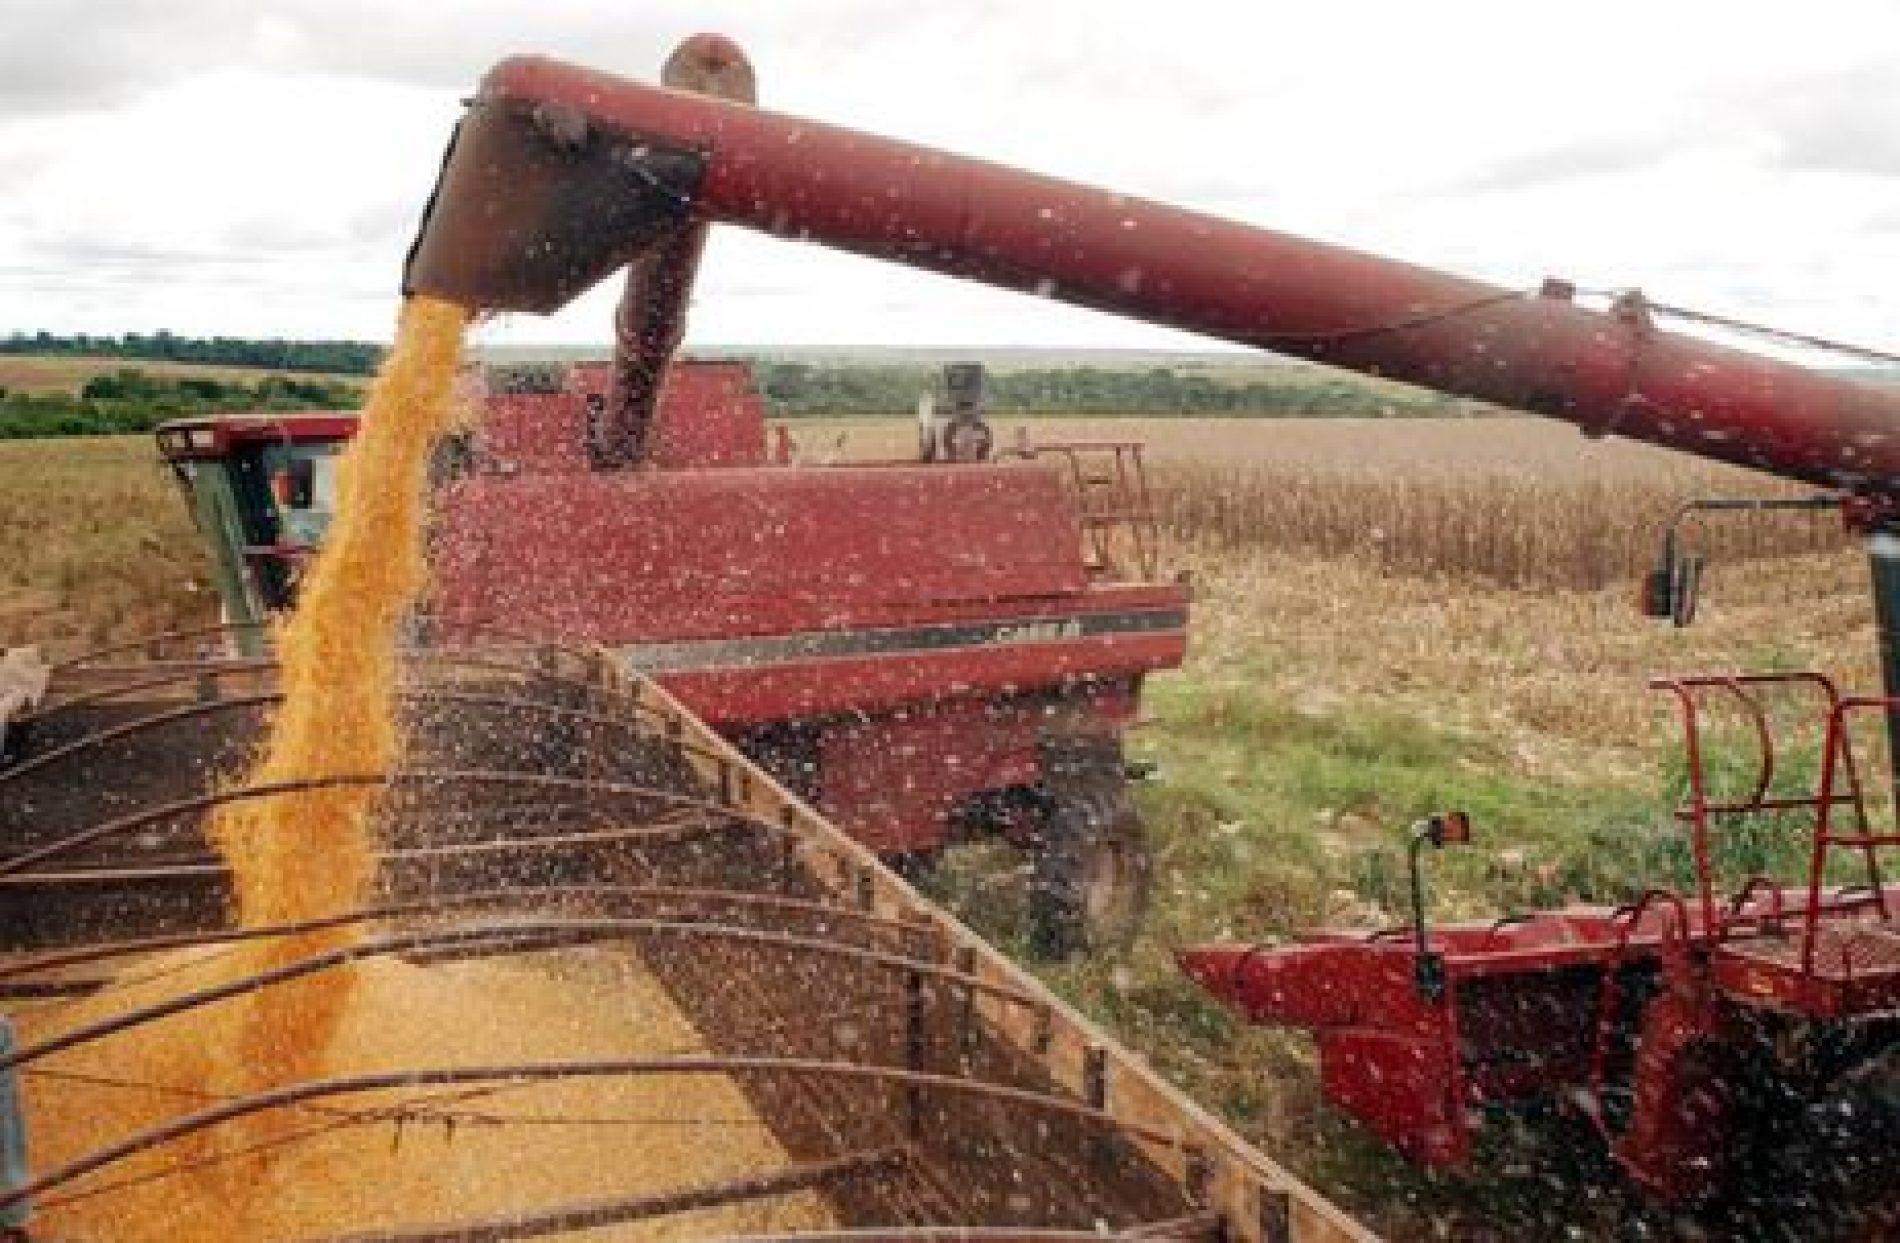 Saldo da balança do agronegócio em junho é de US$ 8,17 bilhões